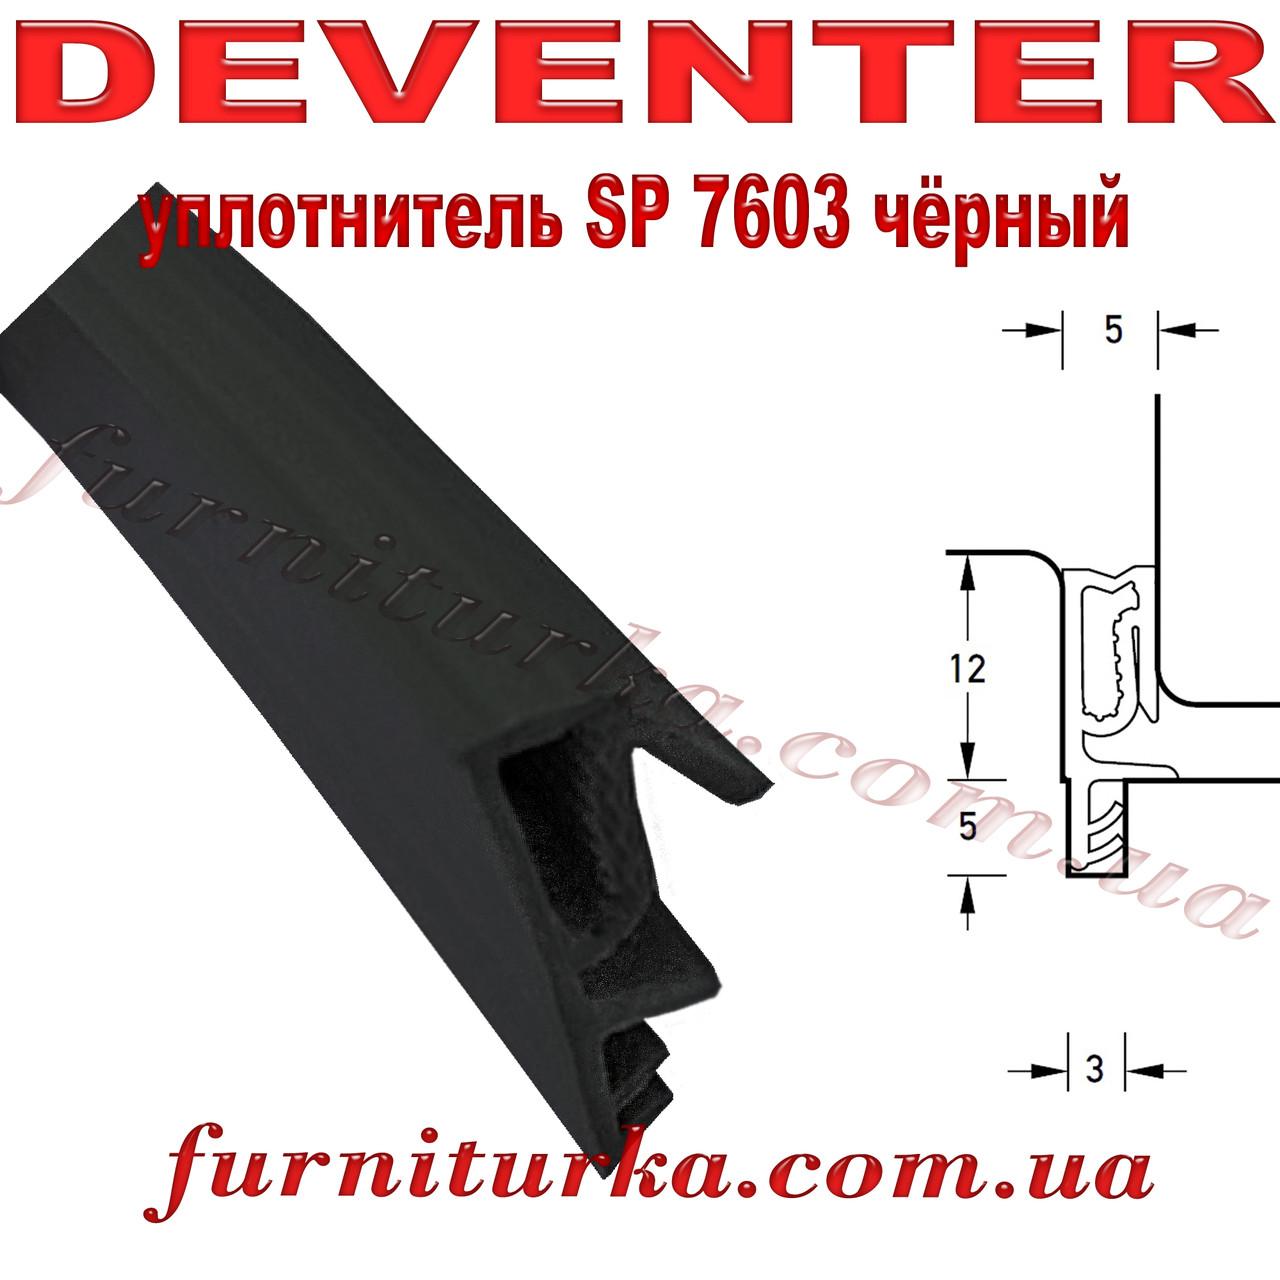 Уплотнитель оконный Deventer SP 7603 чёрный